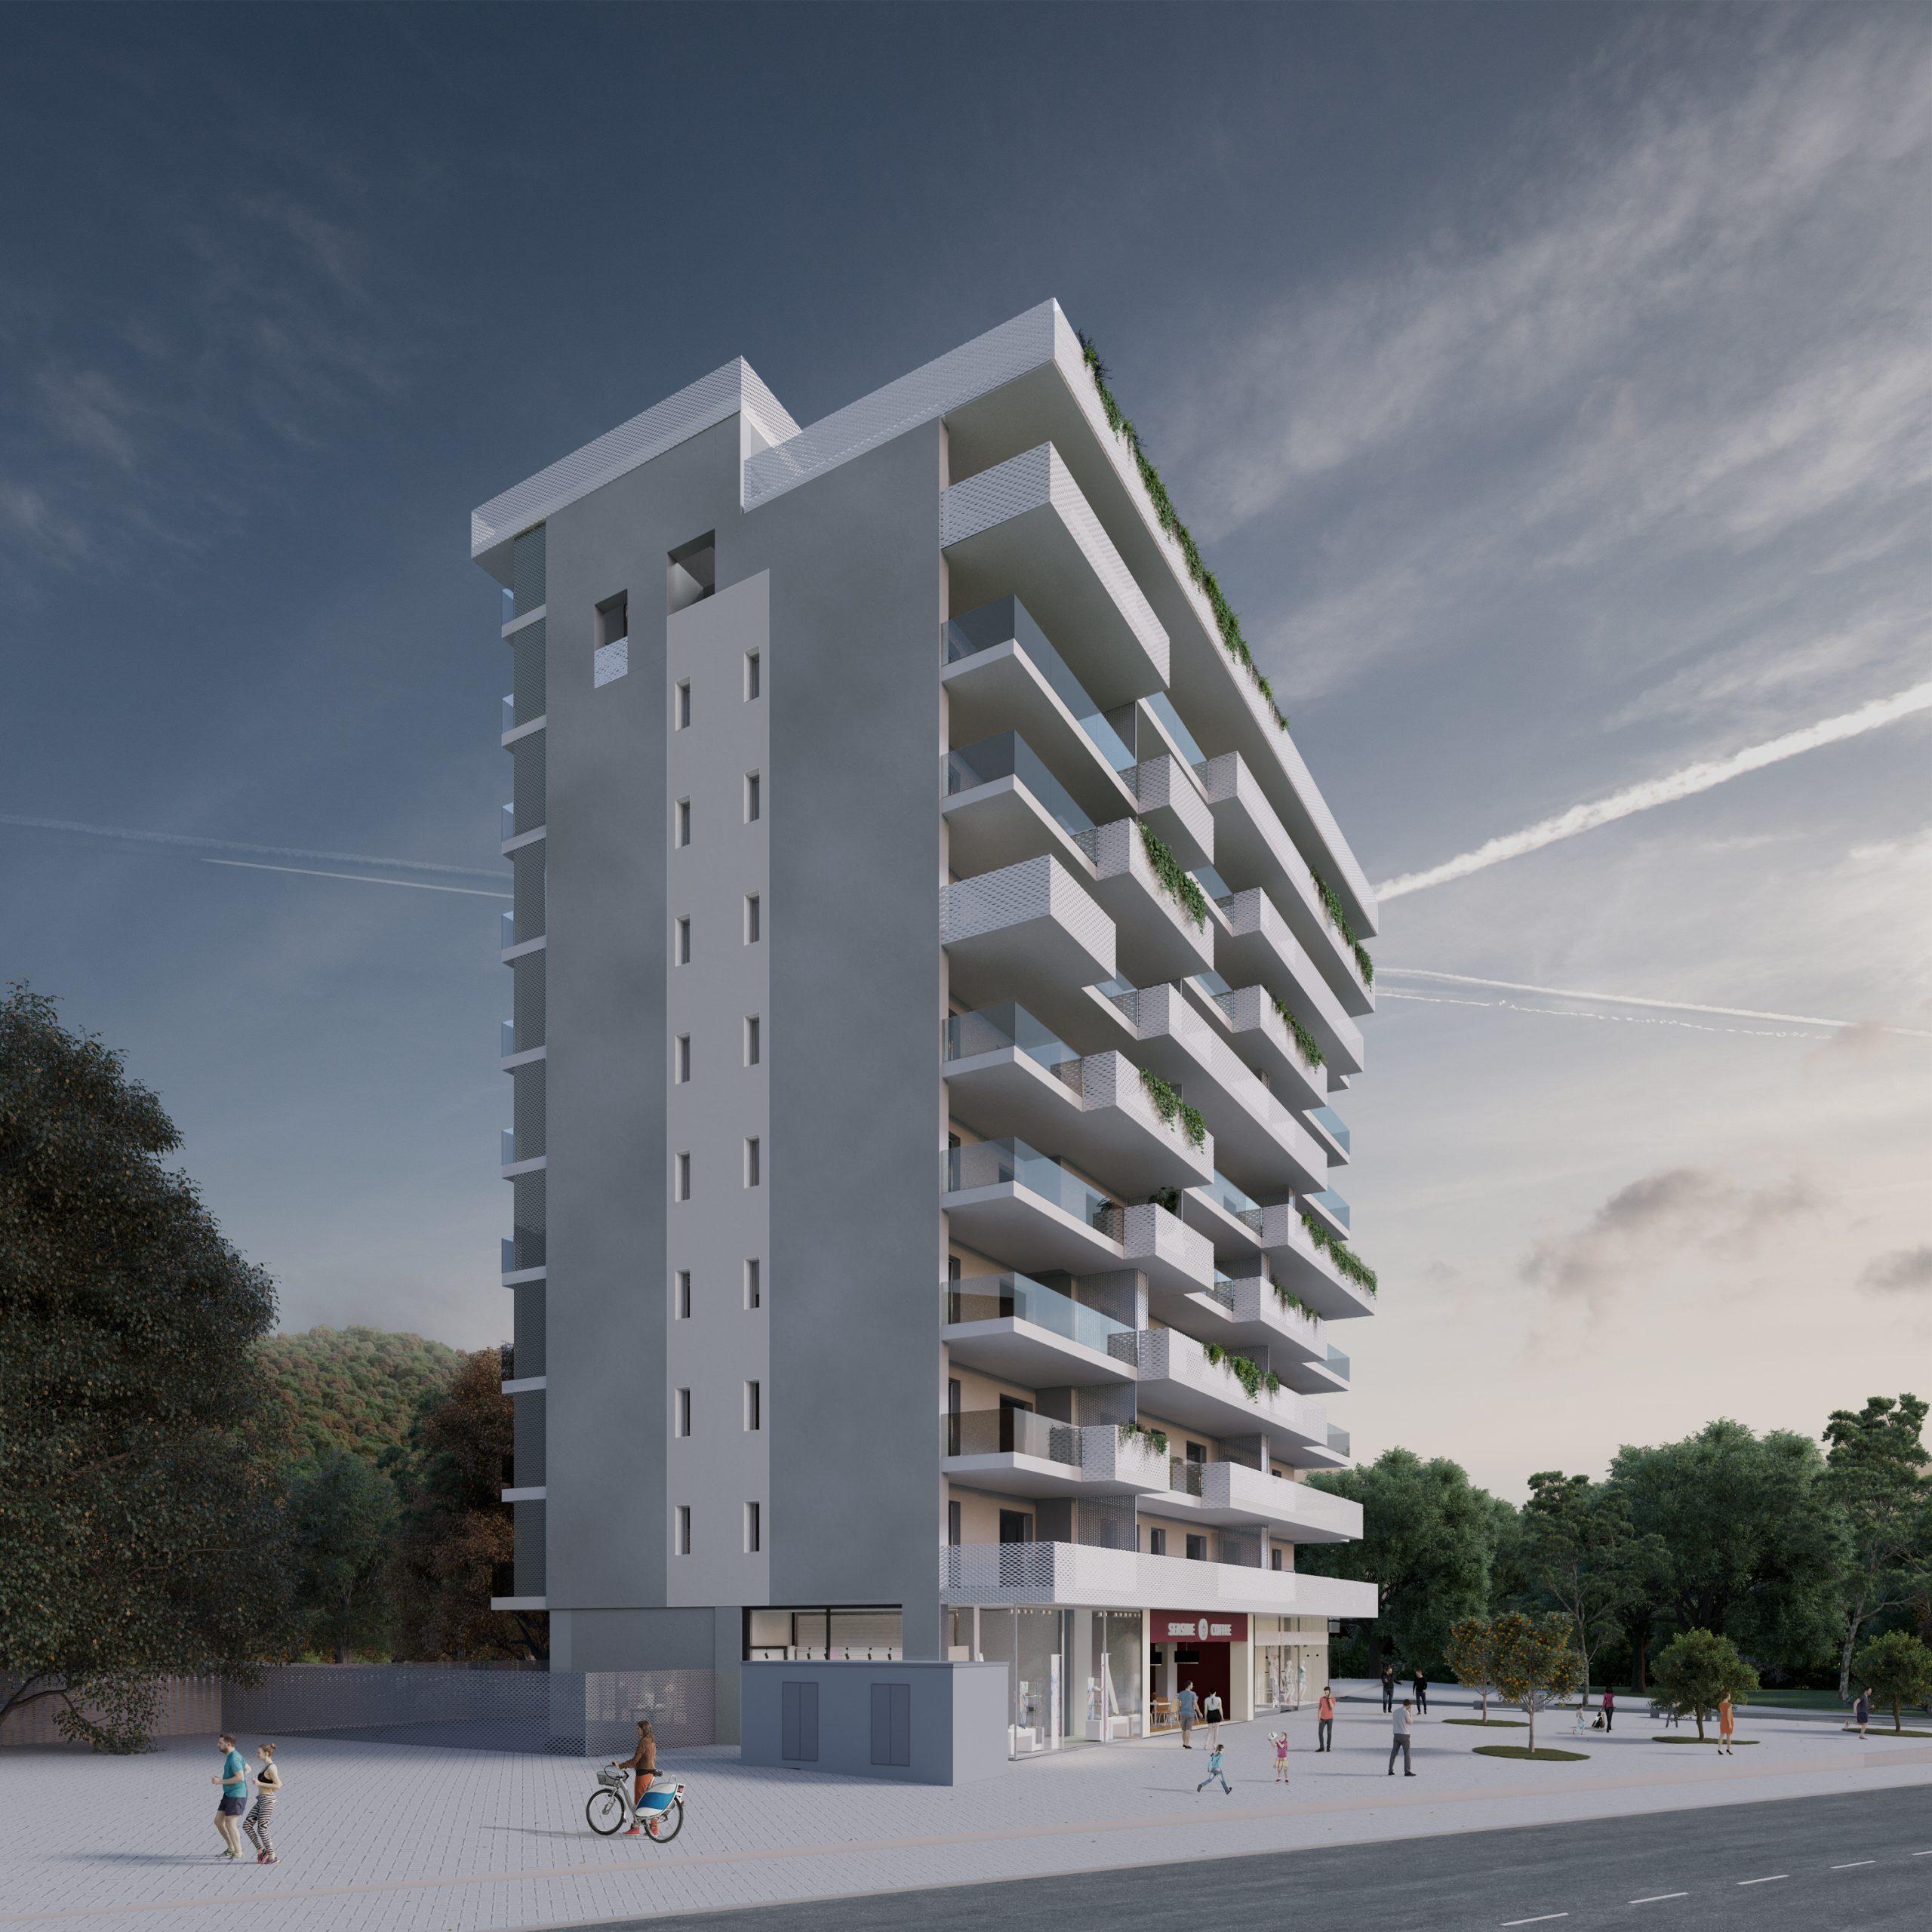 milara-srl-gruppo-postiglione-societa-di-costruzioni-e-vendita-appartamenti-immobili-residenziali-commerciali-cr53-f4-torre-nuova-torrione-vista-02-c